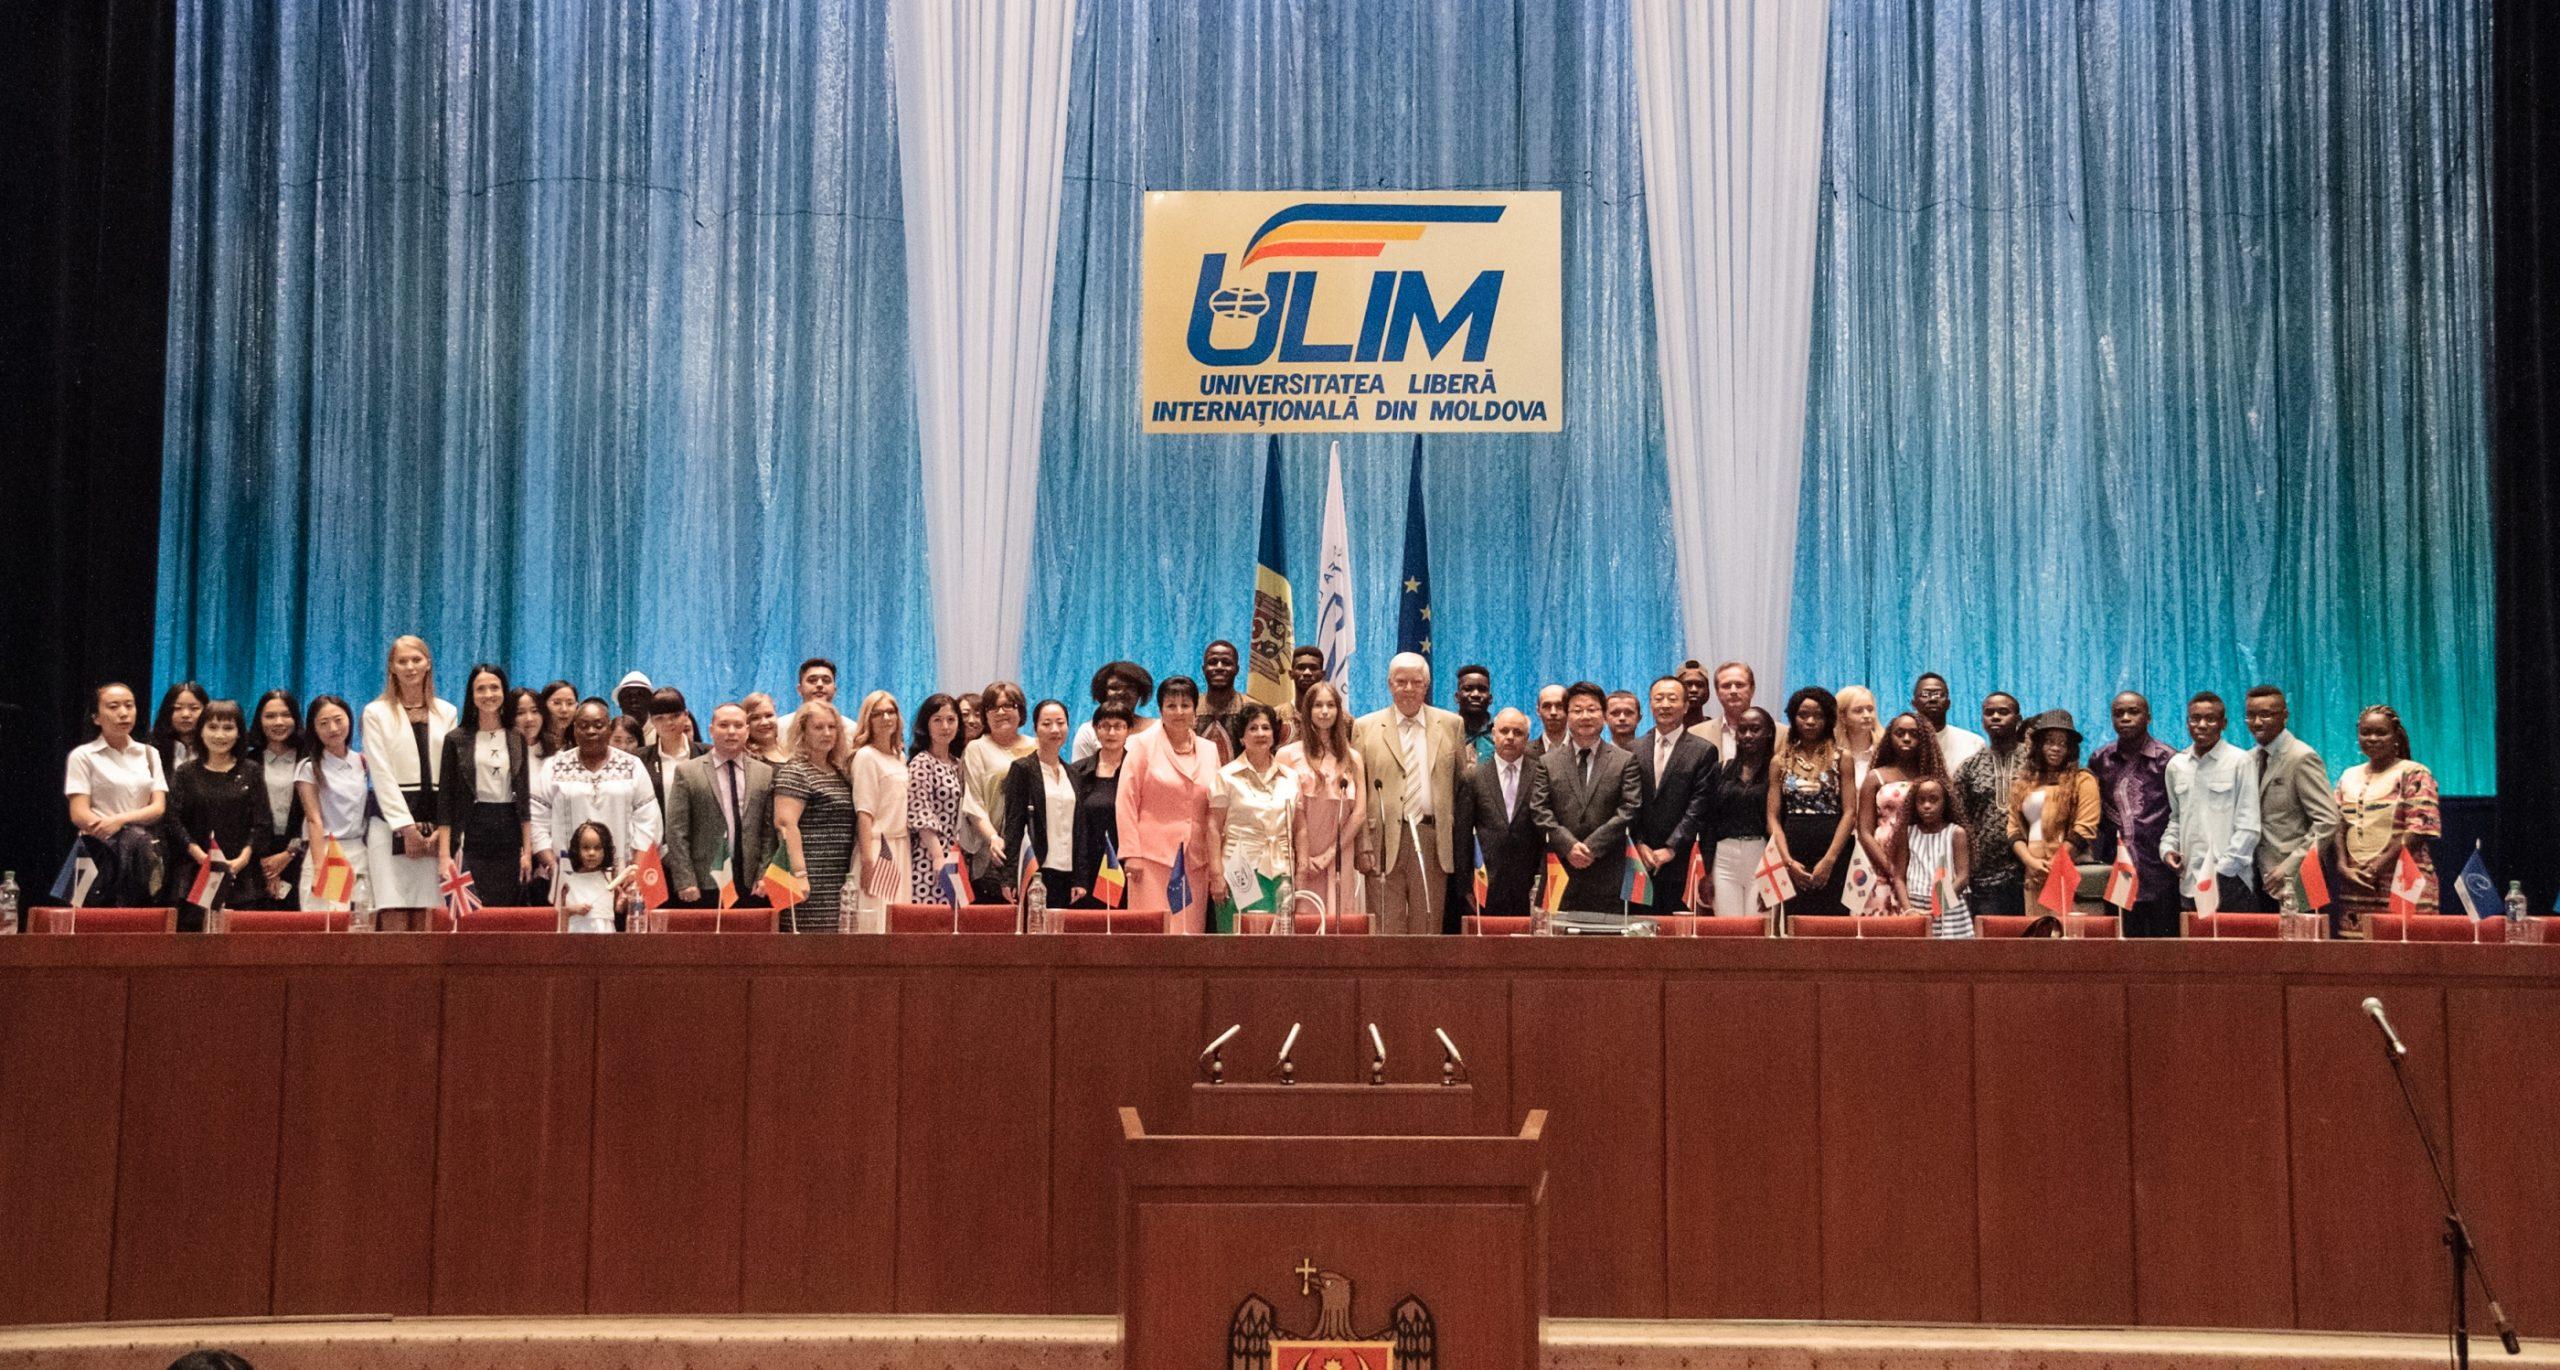 Felicitări ULIM-iștilor cu ocazia deschiderii anului universitar 2017-2018